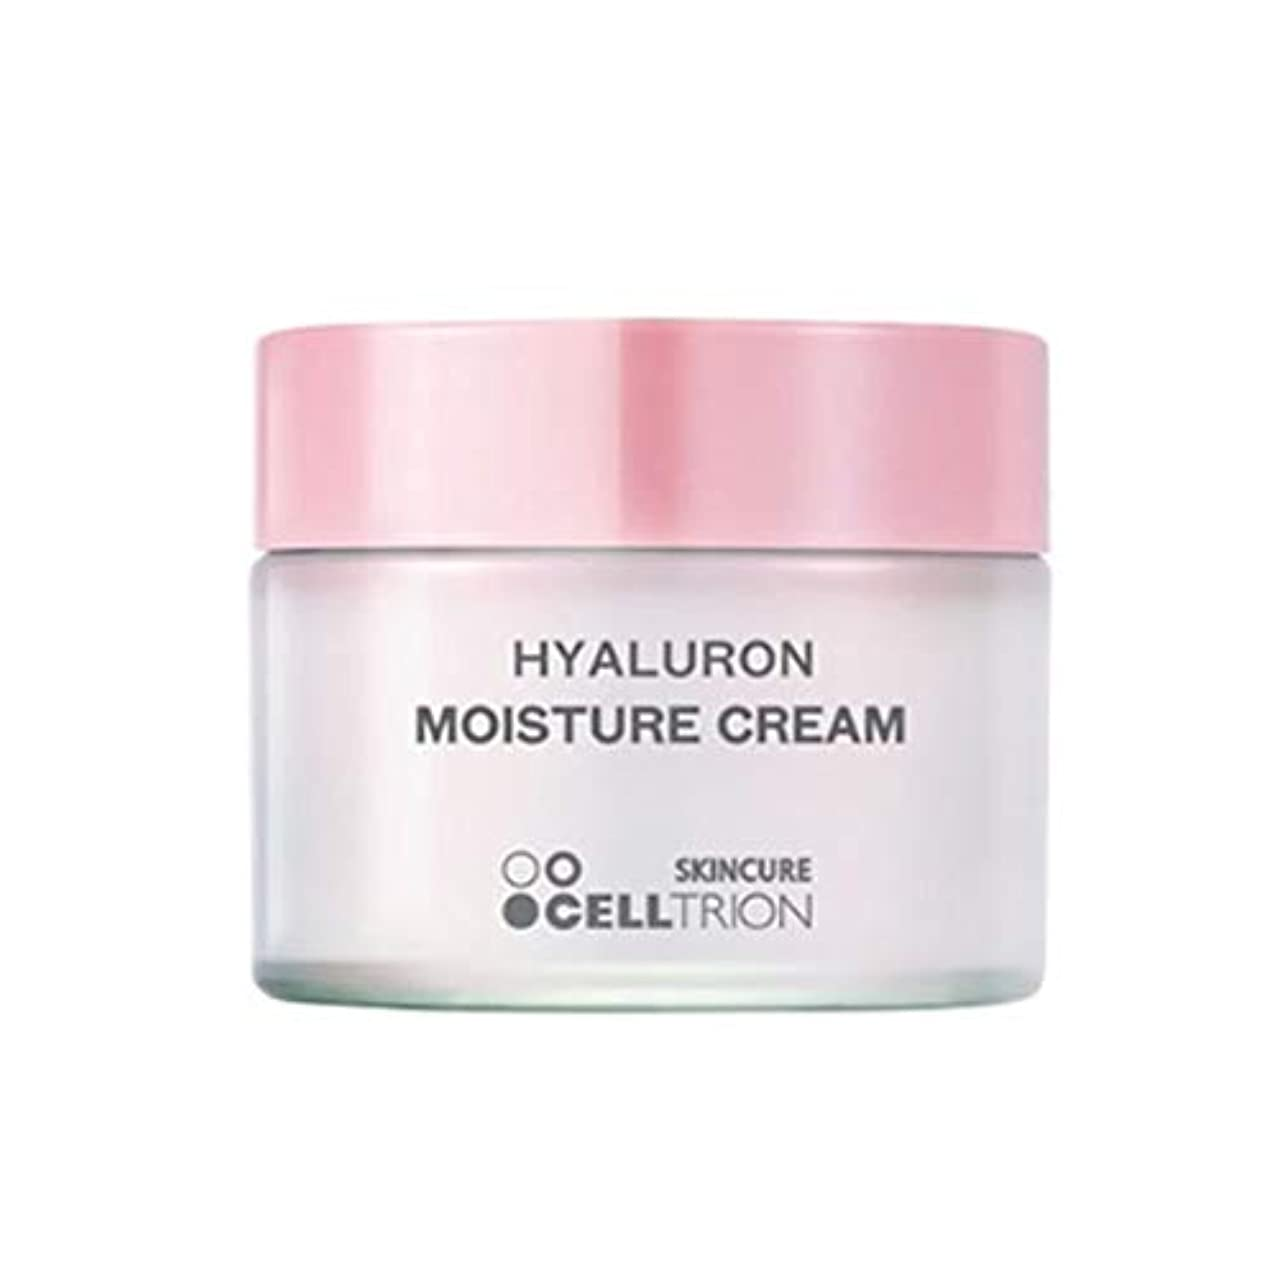 異常な下向き絶えずセルトリオンスキンキュアヒアルロンモイスチャークリーム50gしわ改善、Celltrion Skincure Hyaluron Moisture Cream 50g Anti-Wrinkle [並行輸入品]